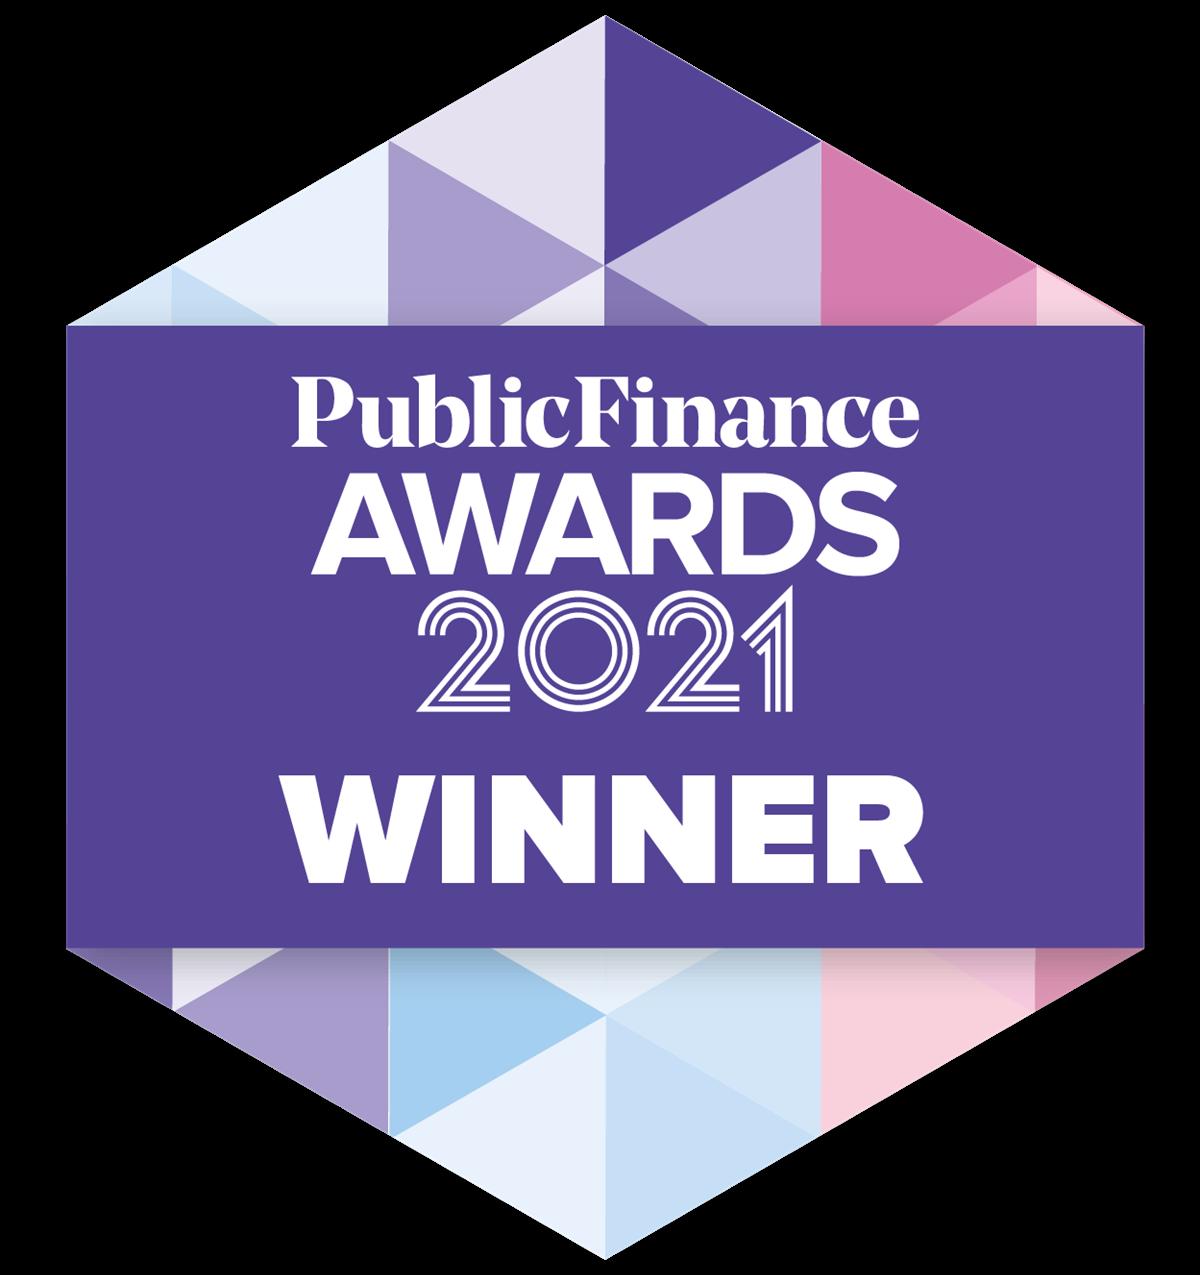 PF awards official logos Winner